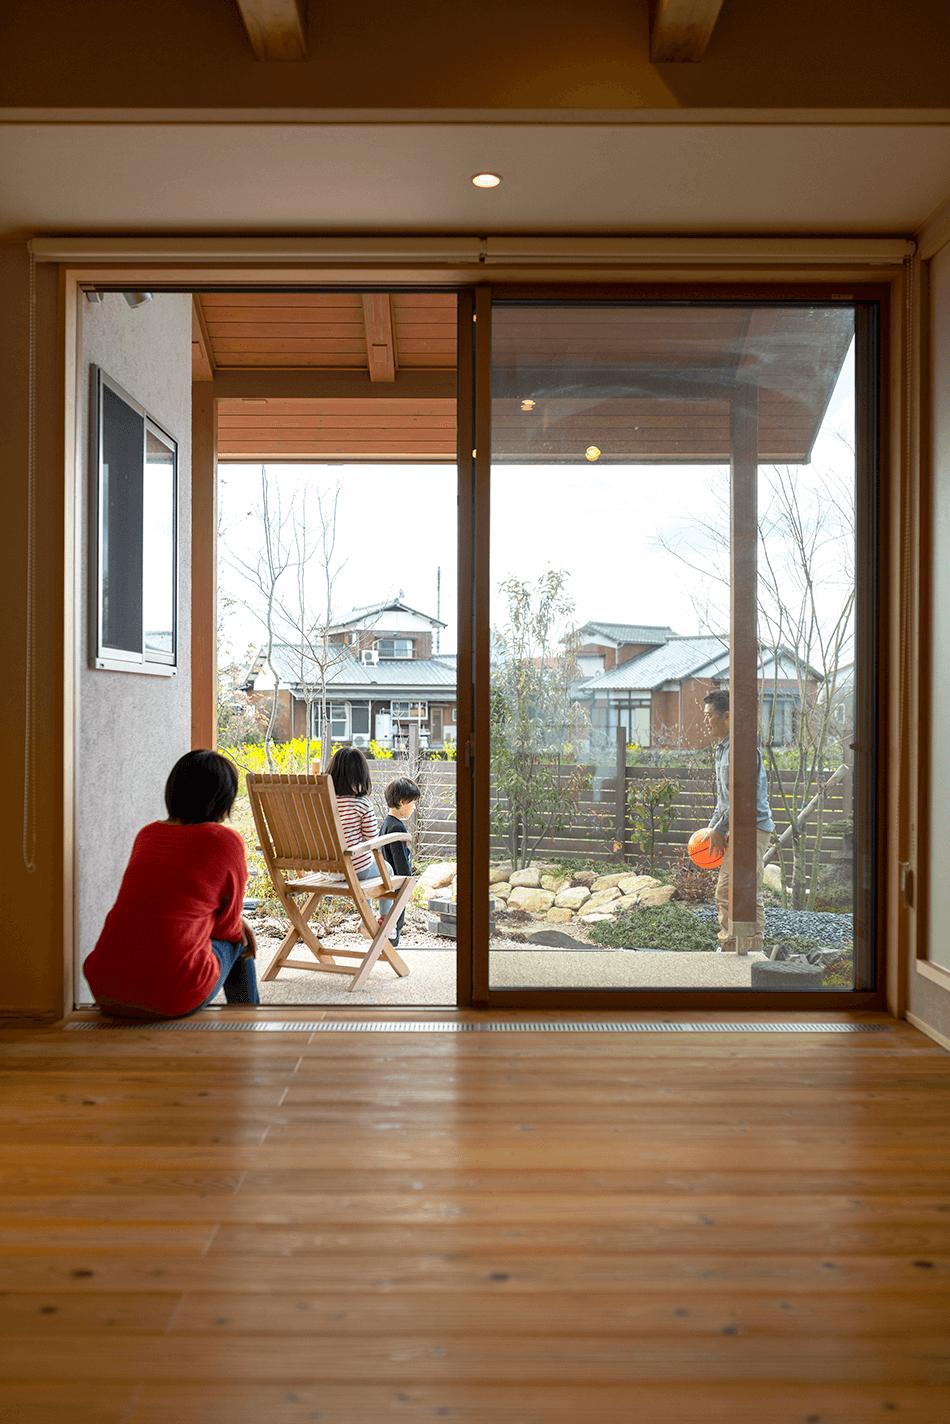 木の家|福岡の新築建築事例|平屋|3LDK|窓|エコワークス|CASE-23|内観09